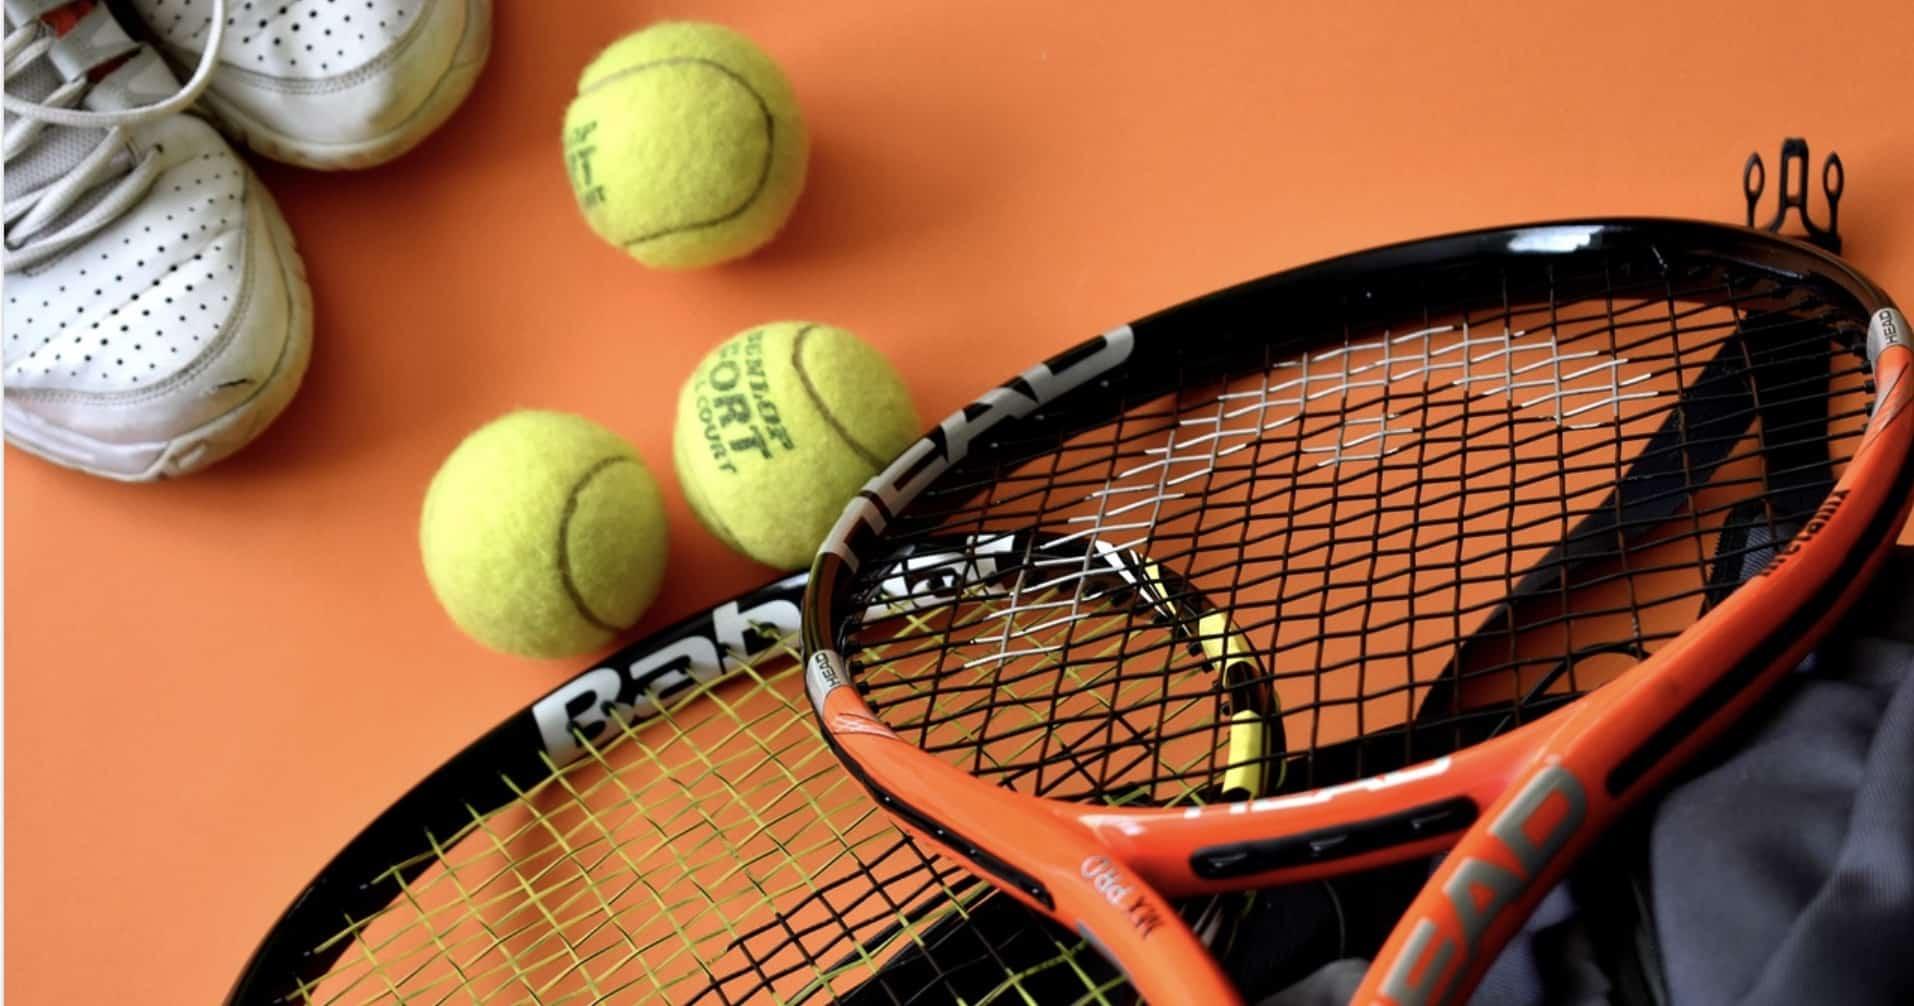 Jak zarabiać na obstawianiu tenisa?